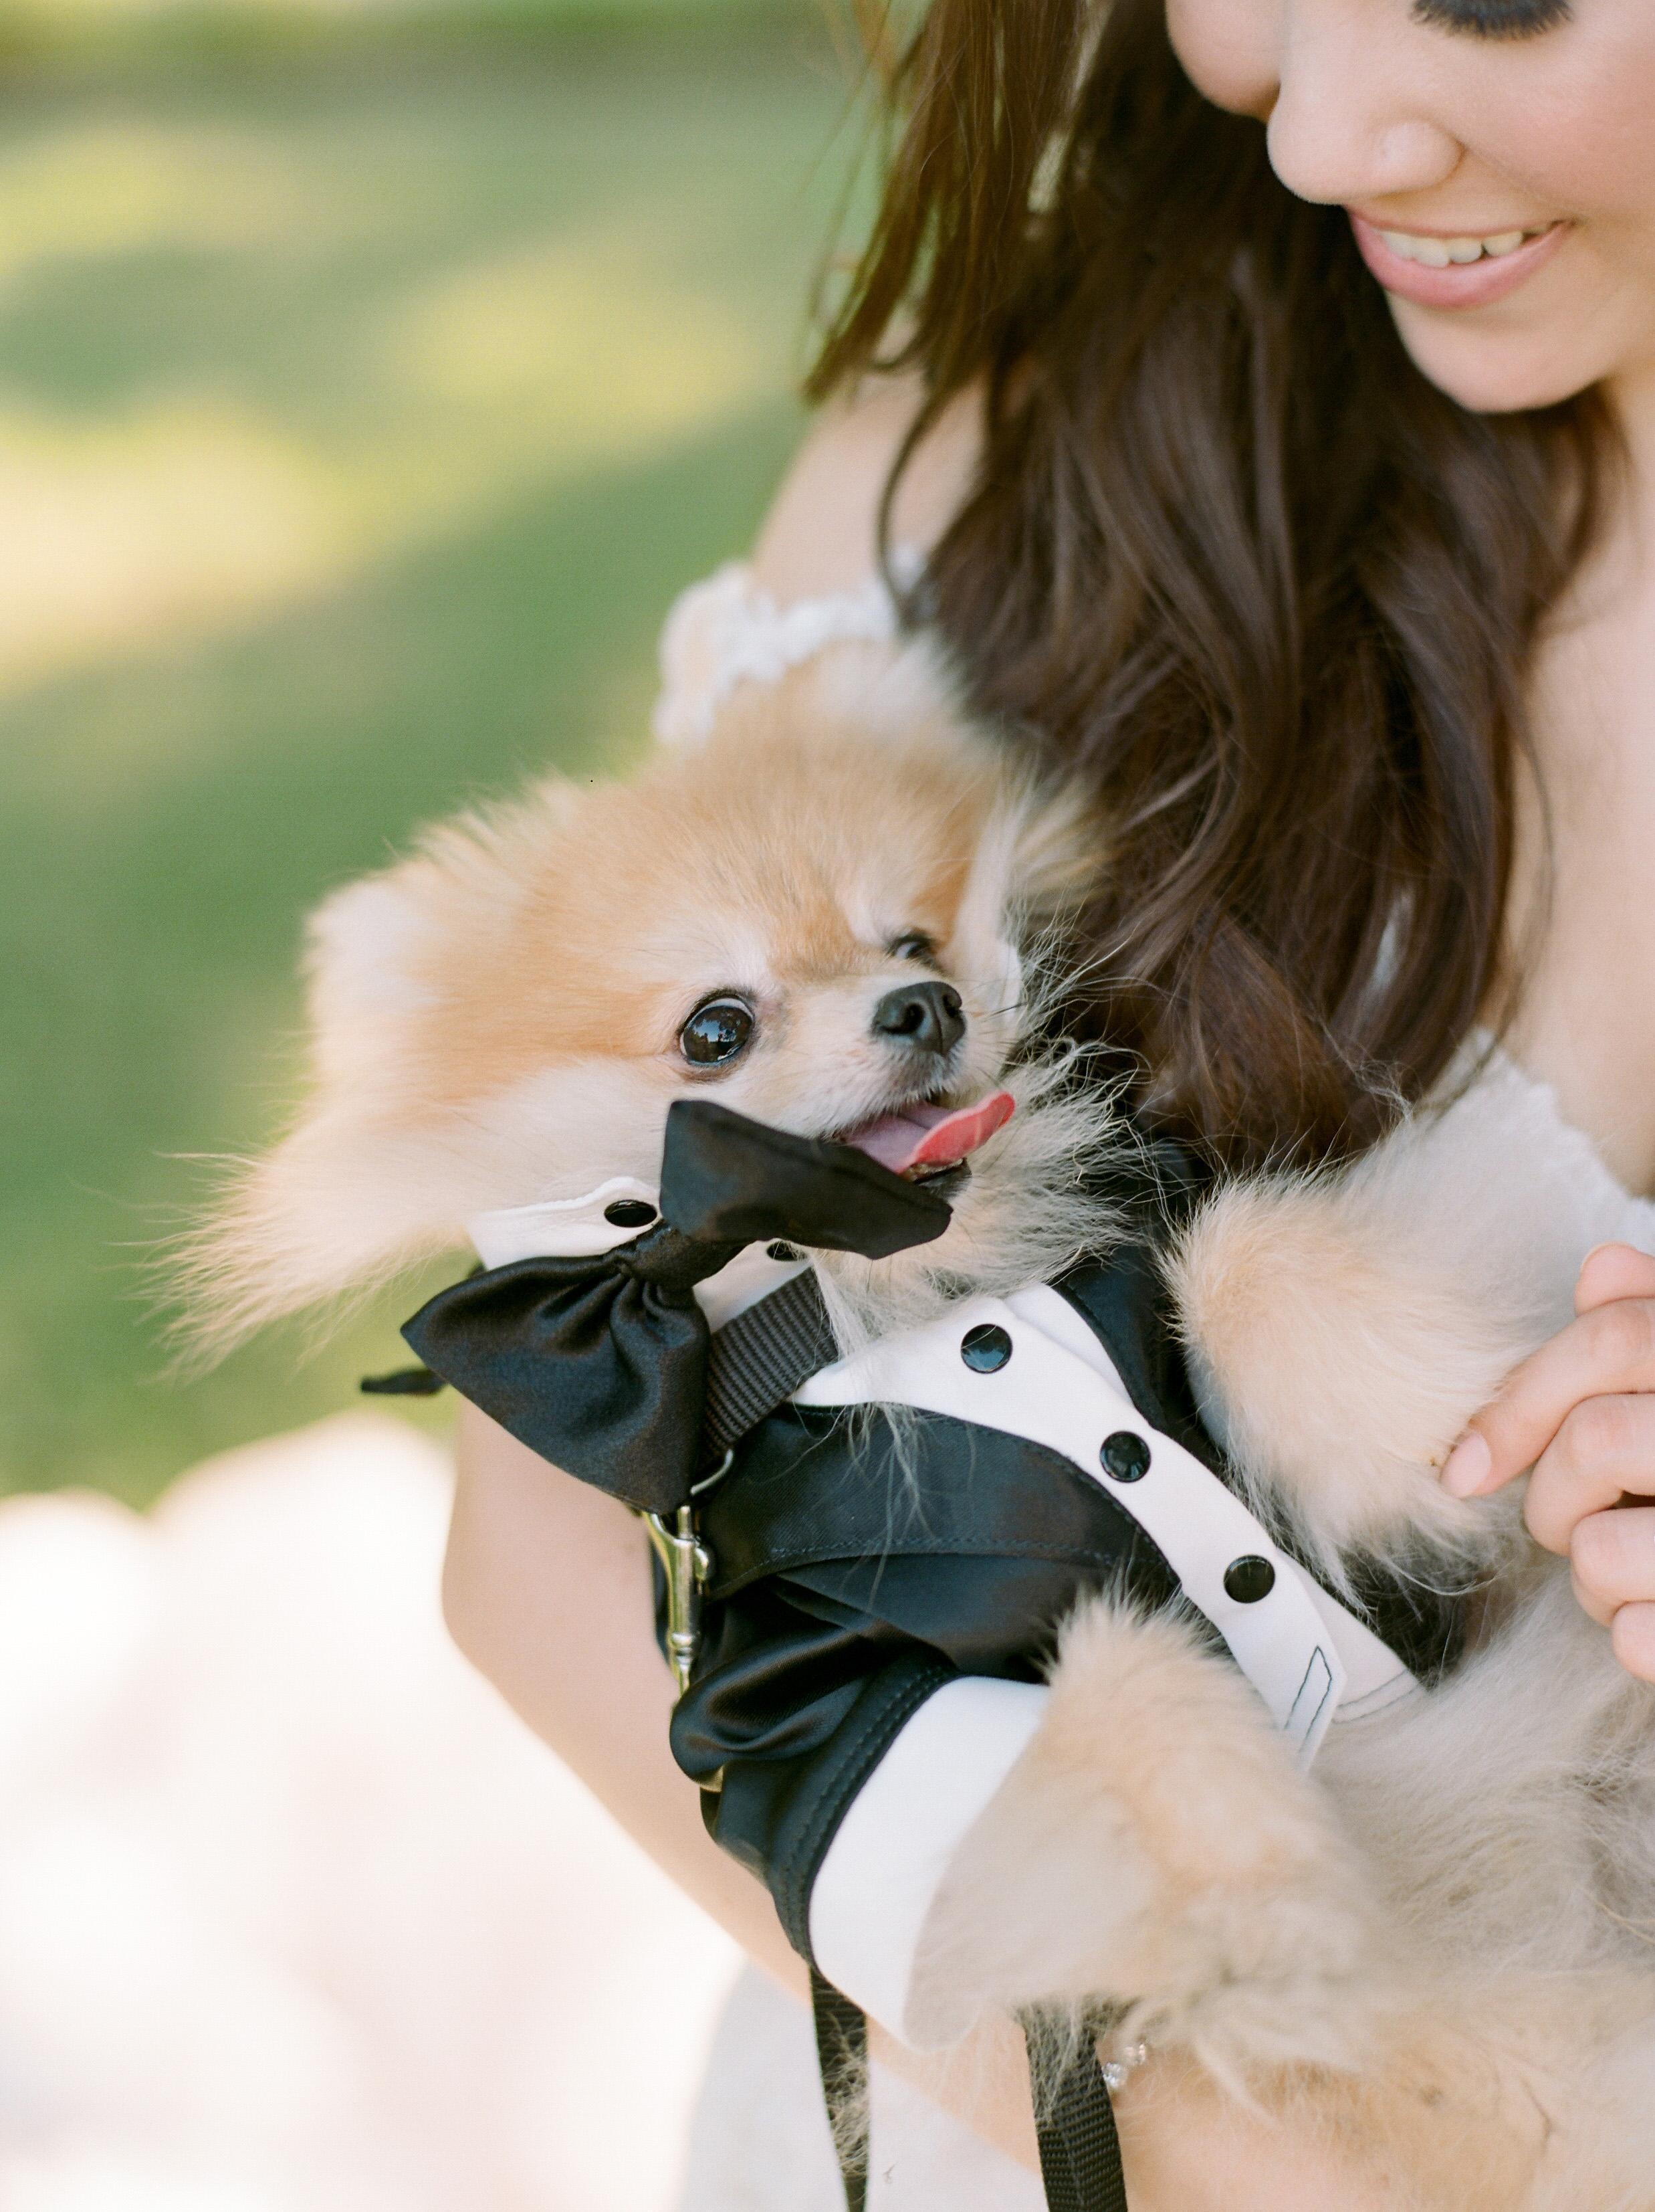 texas wedding small dog tux cuddle